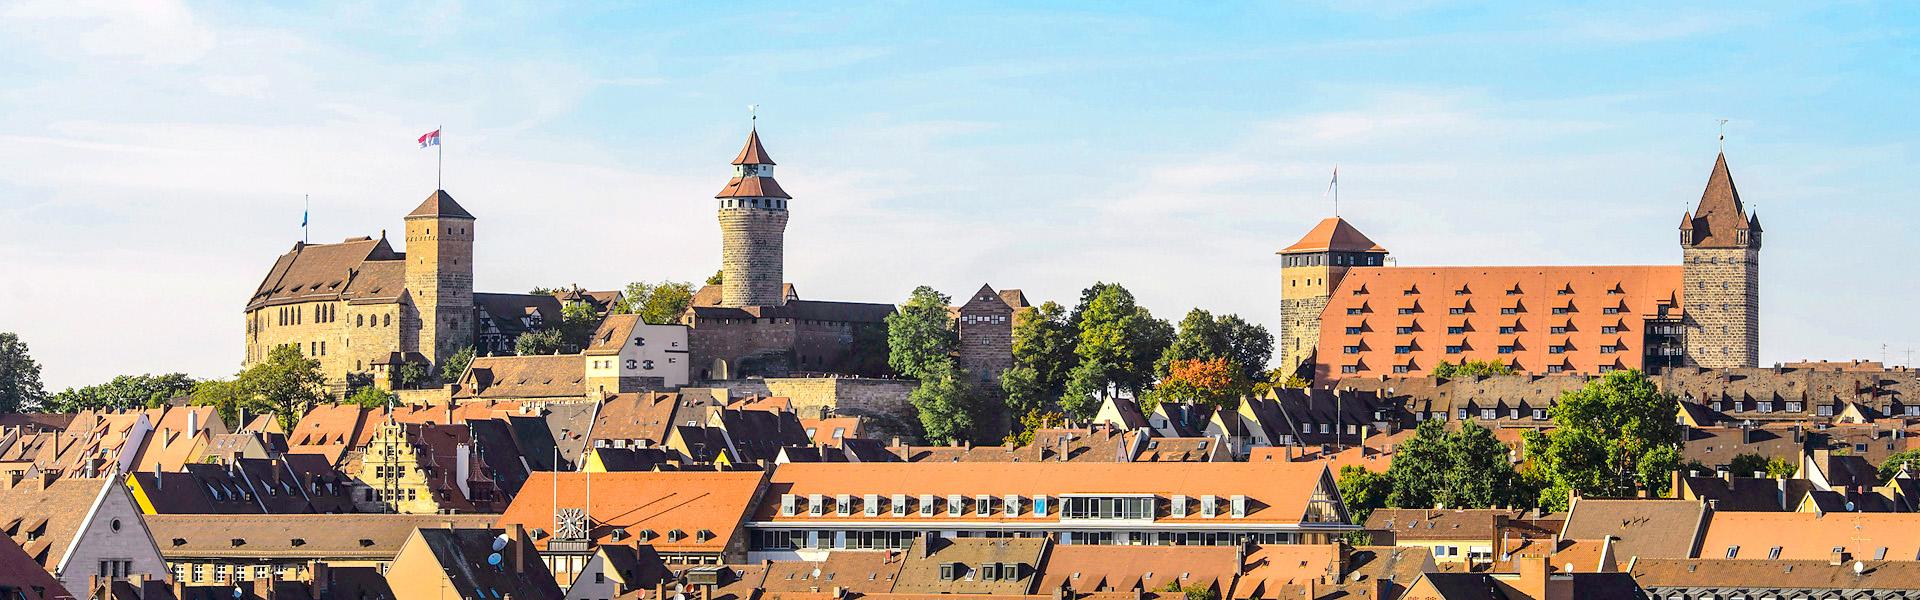 Nürnberg - Hotel Vosteen Nordstadt